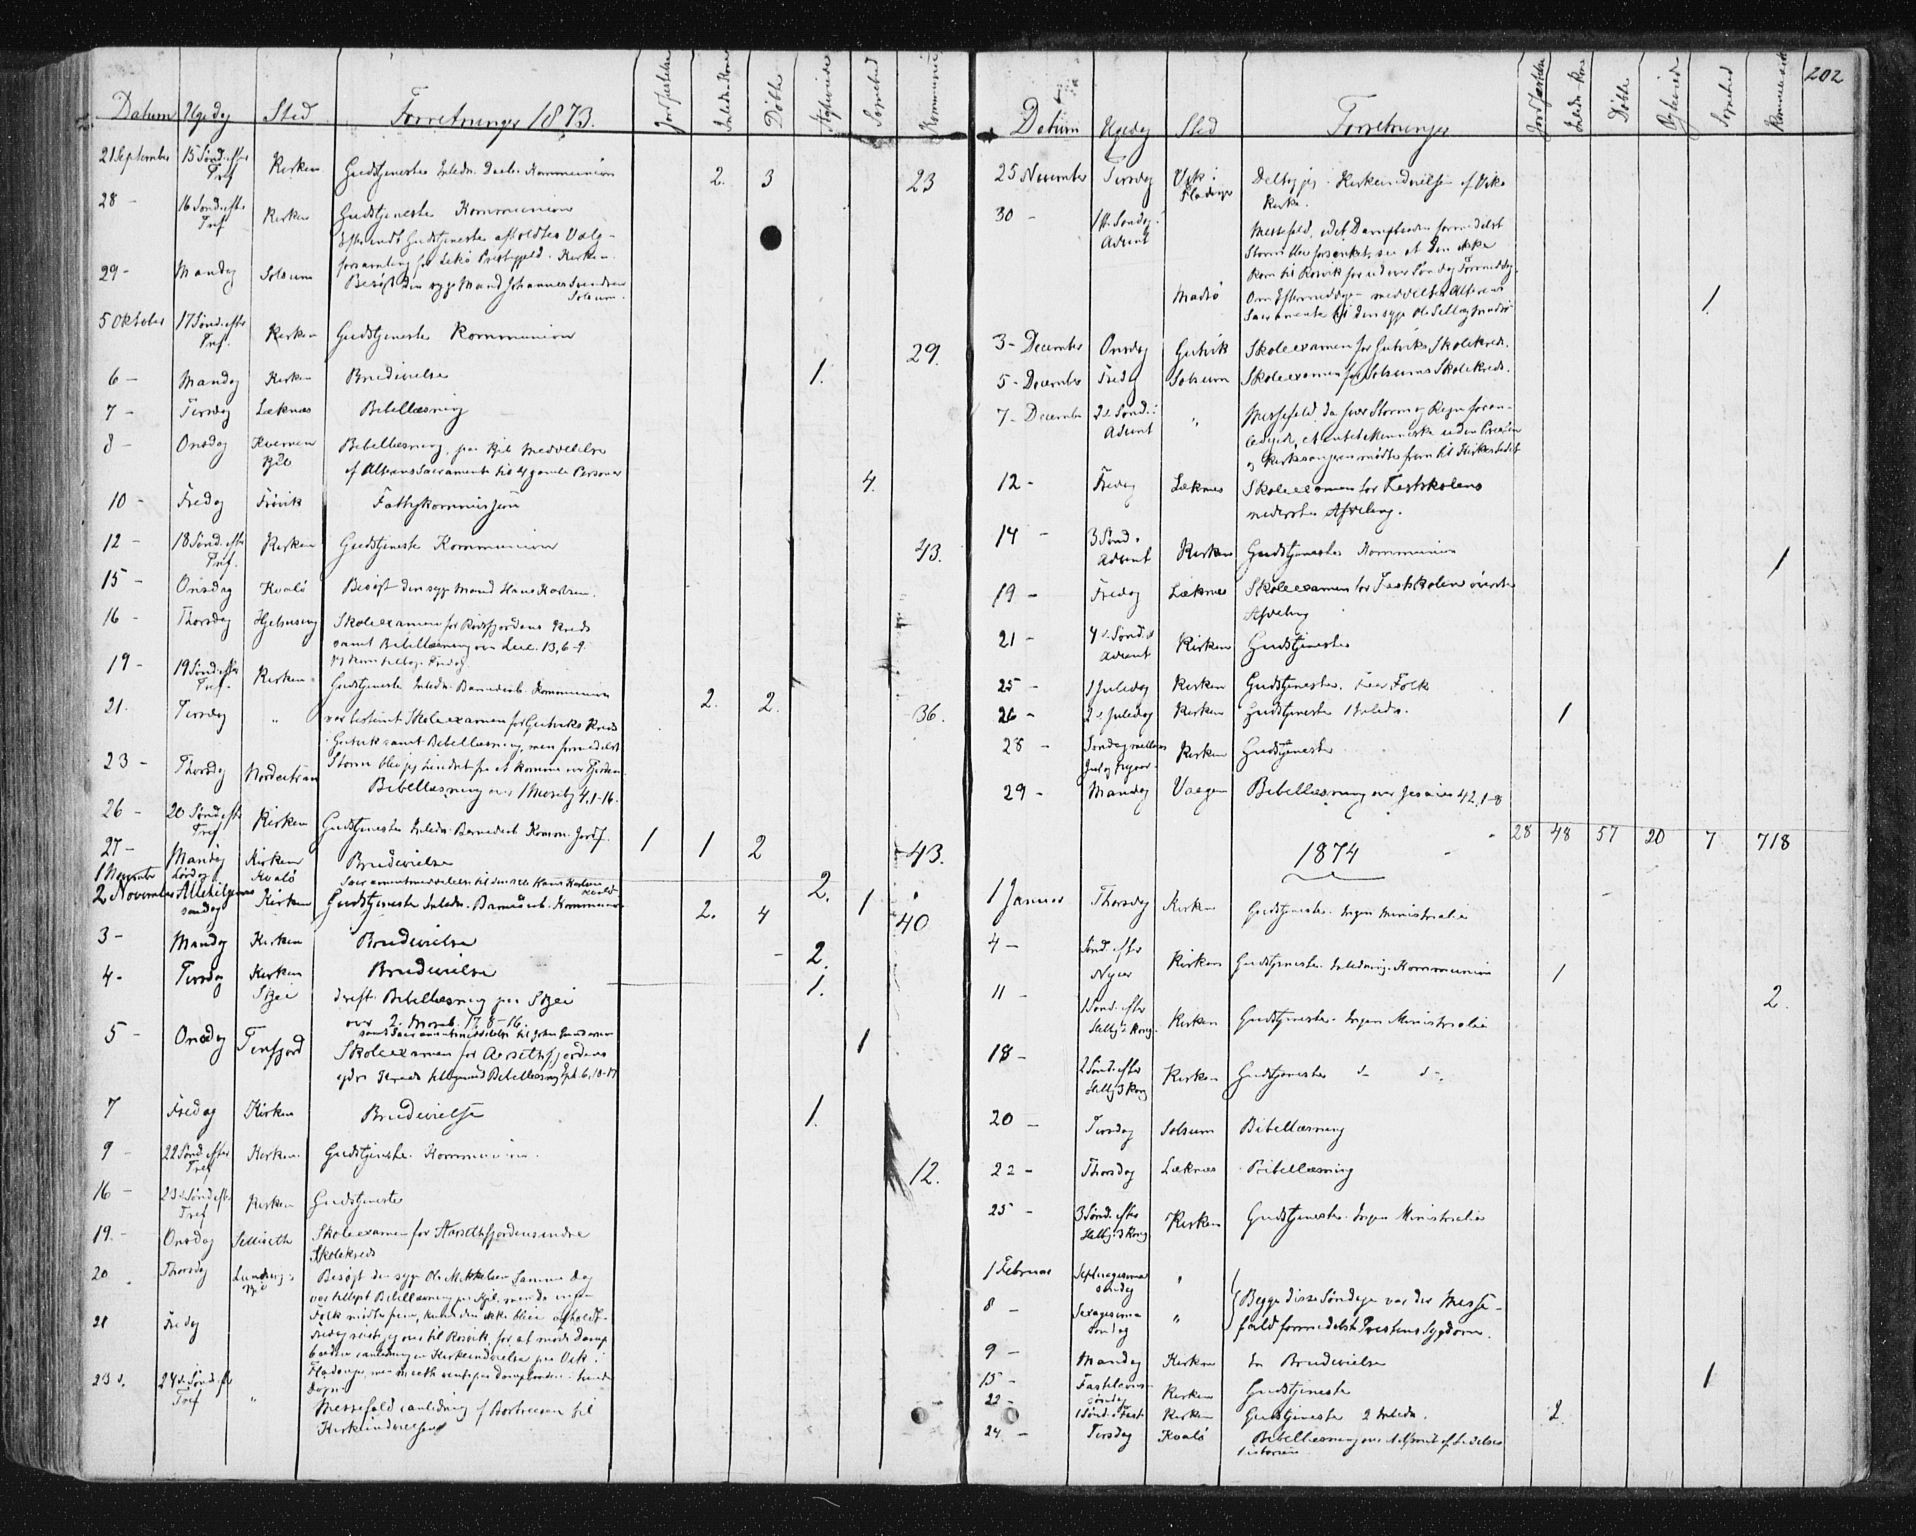 SAT, Ministerialprotokoller, klokkerbøker og fødselsregistre - Nord-Trøndelag, 788/L0696: Ministerialbok nr. 788A03, 1863-1877, s. 202